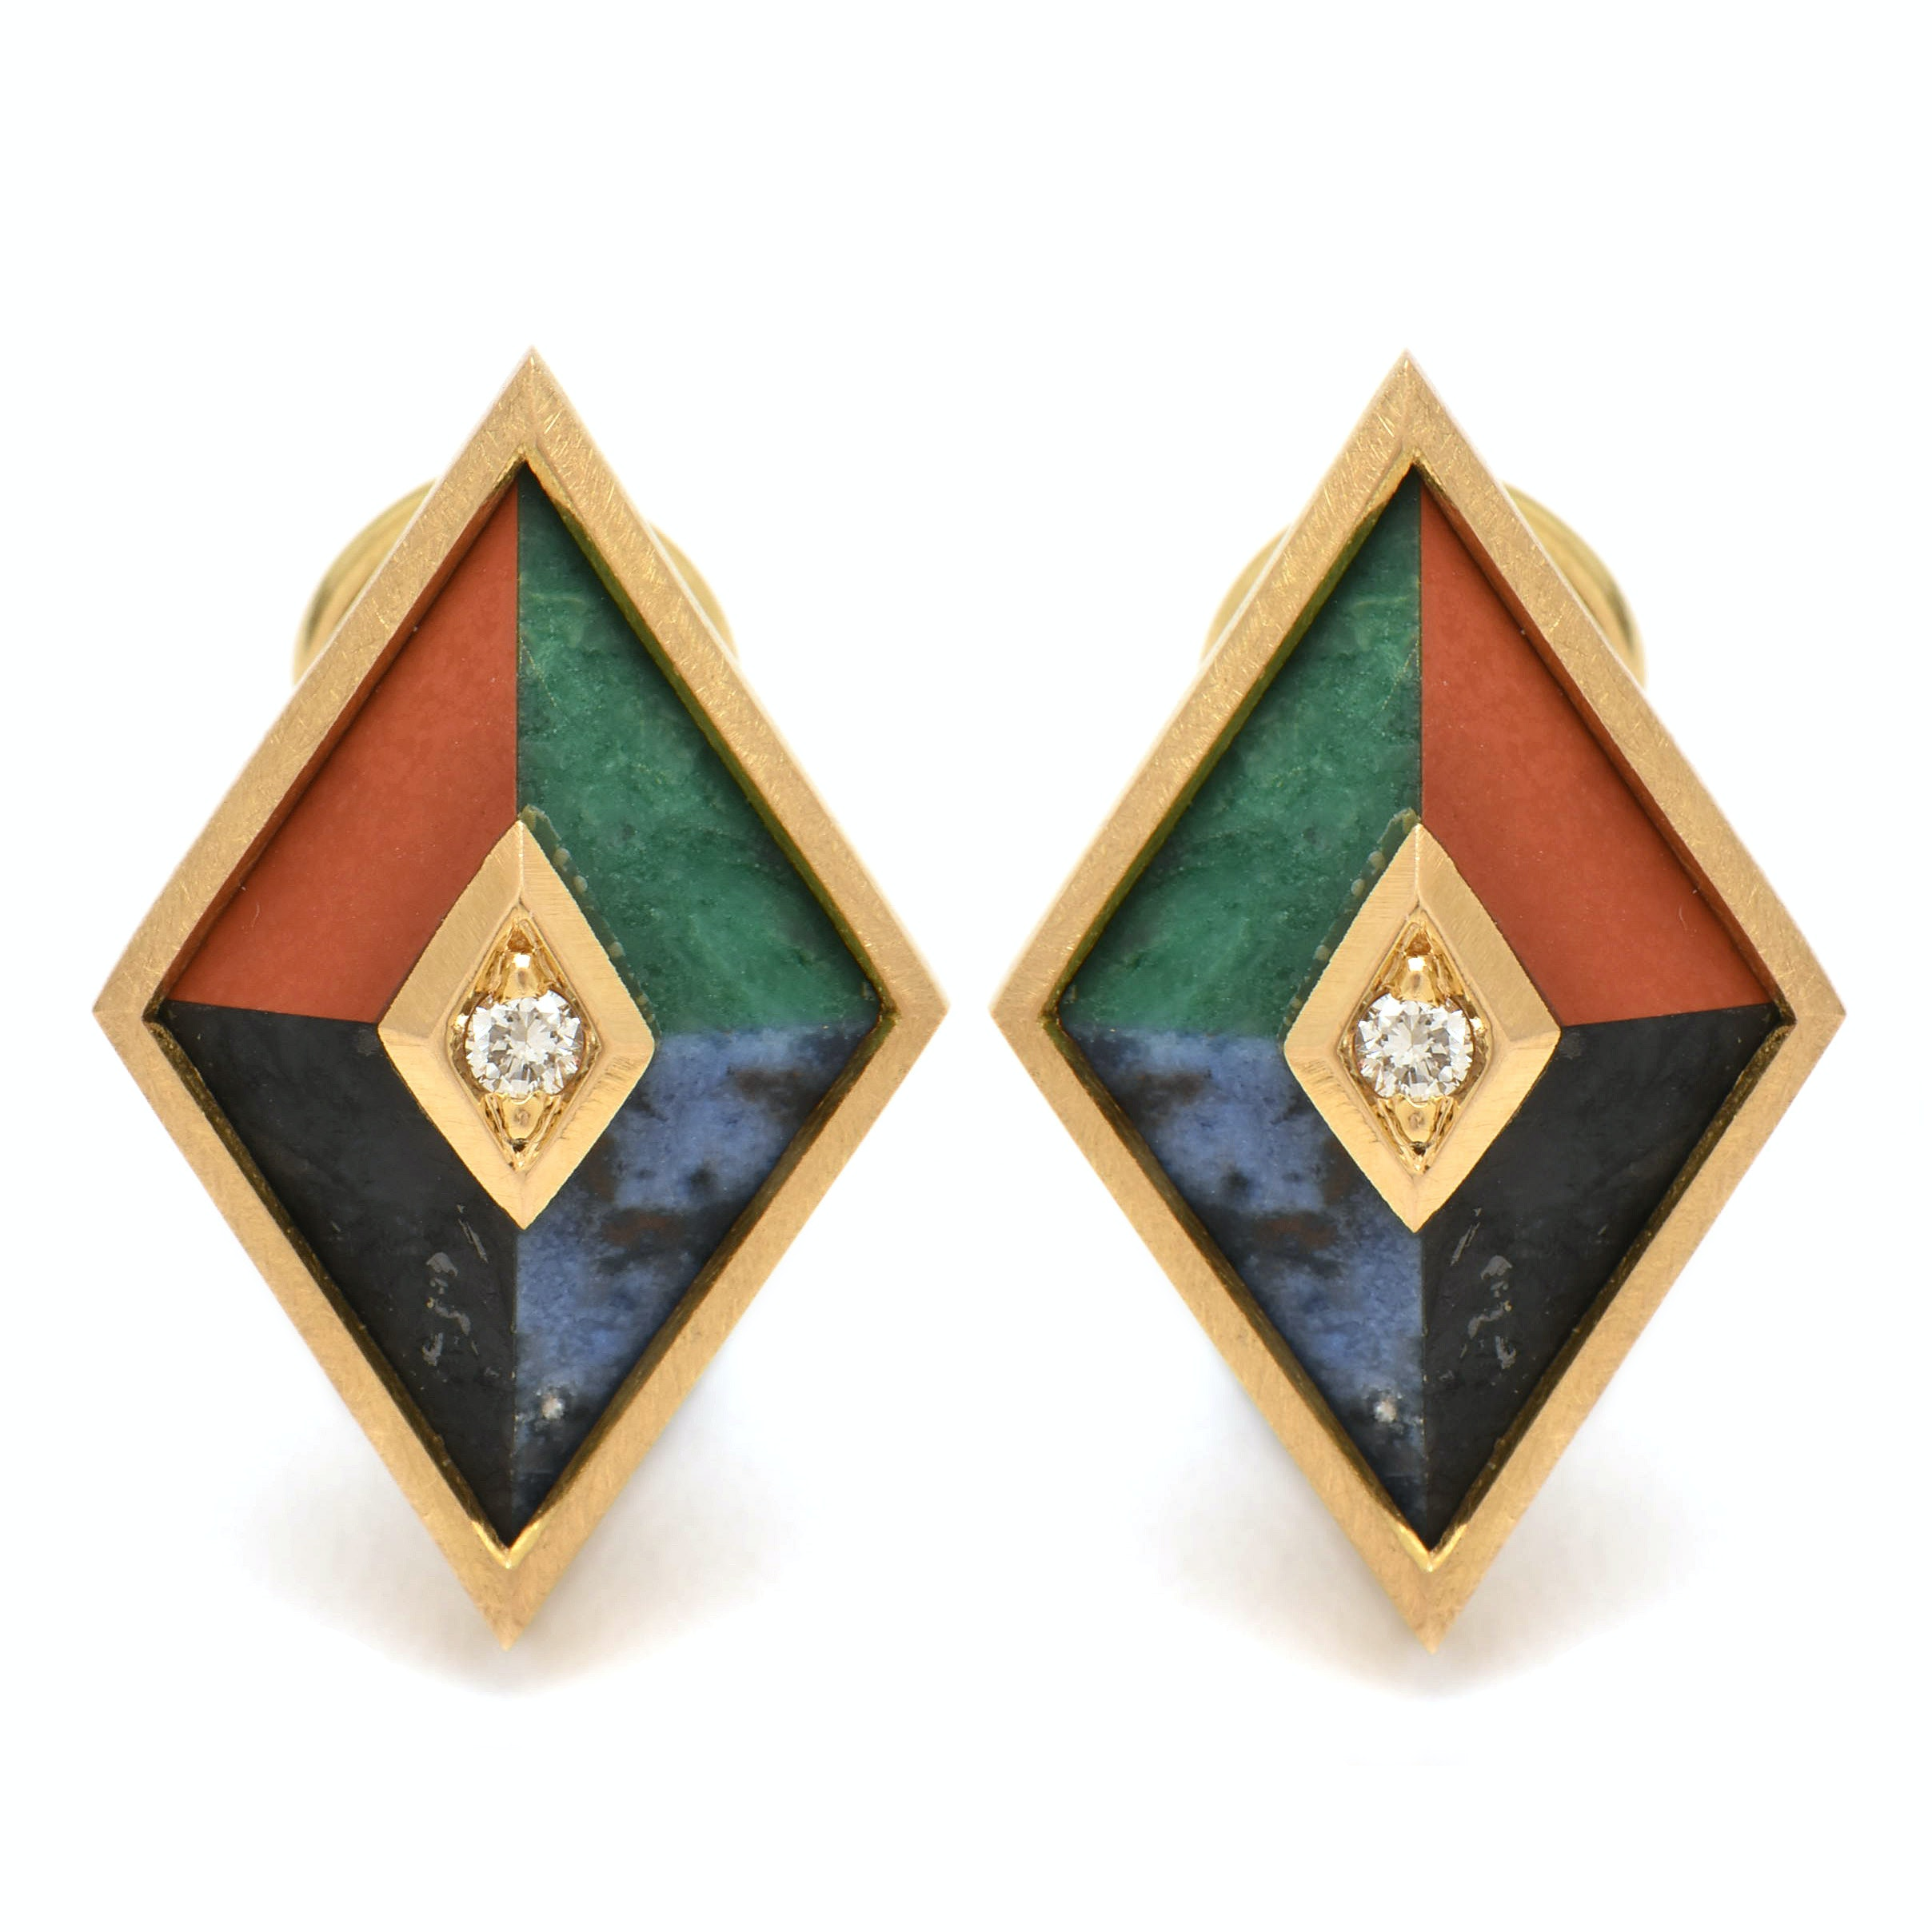 18K Yellow Gold Diamond, Sodalite, Malachite, Jasper, and Feldspar Earrings